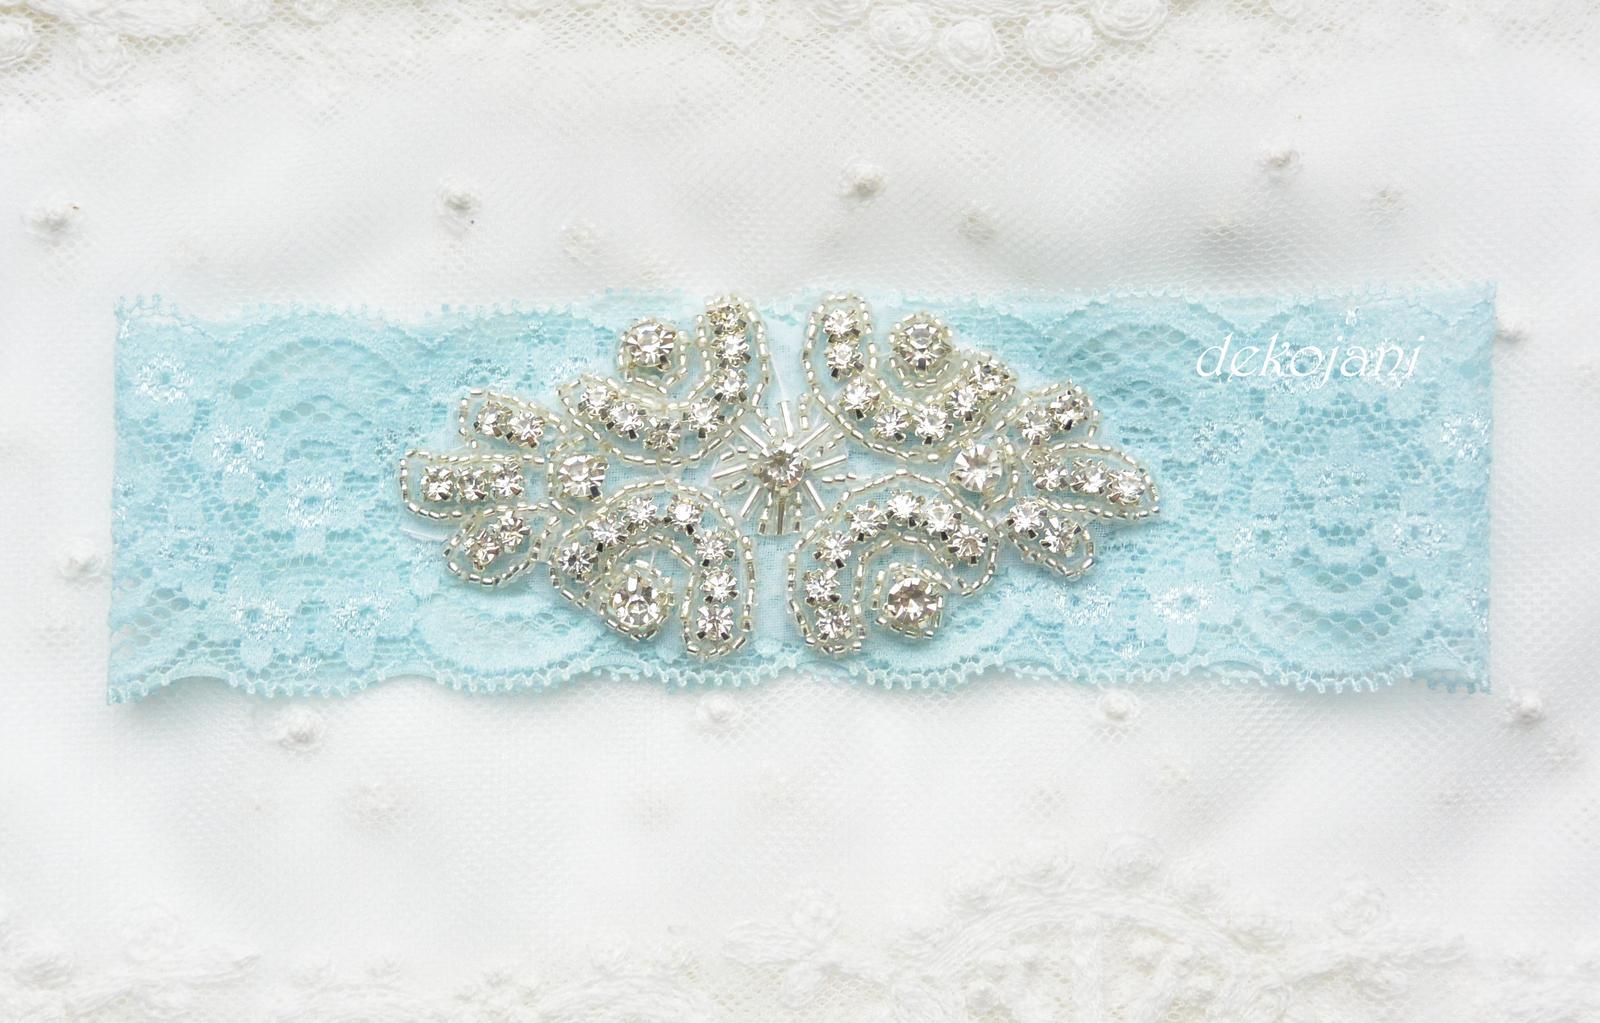 Luxusní svatební doplňky a dekorace. - Obrázek č. 13